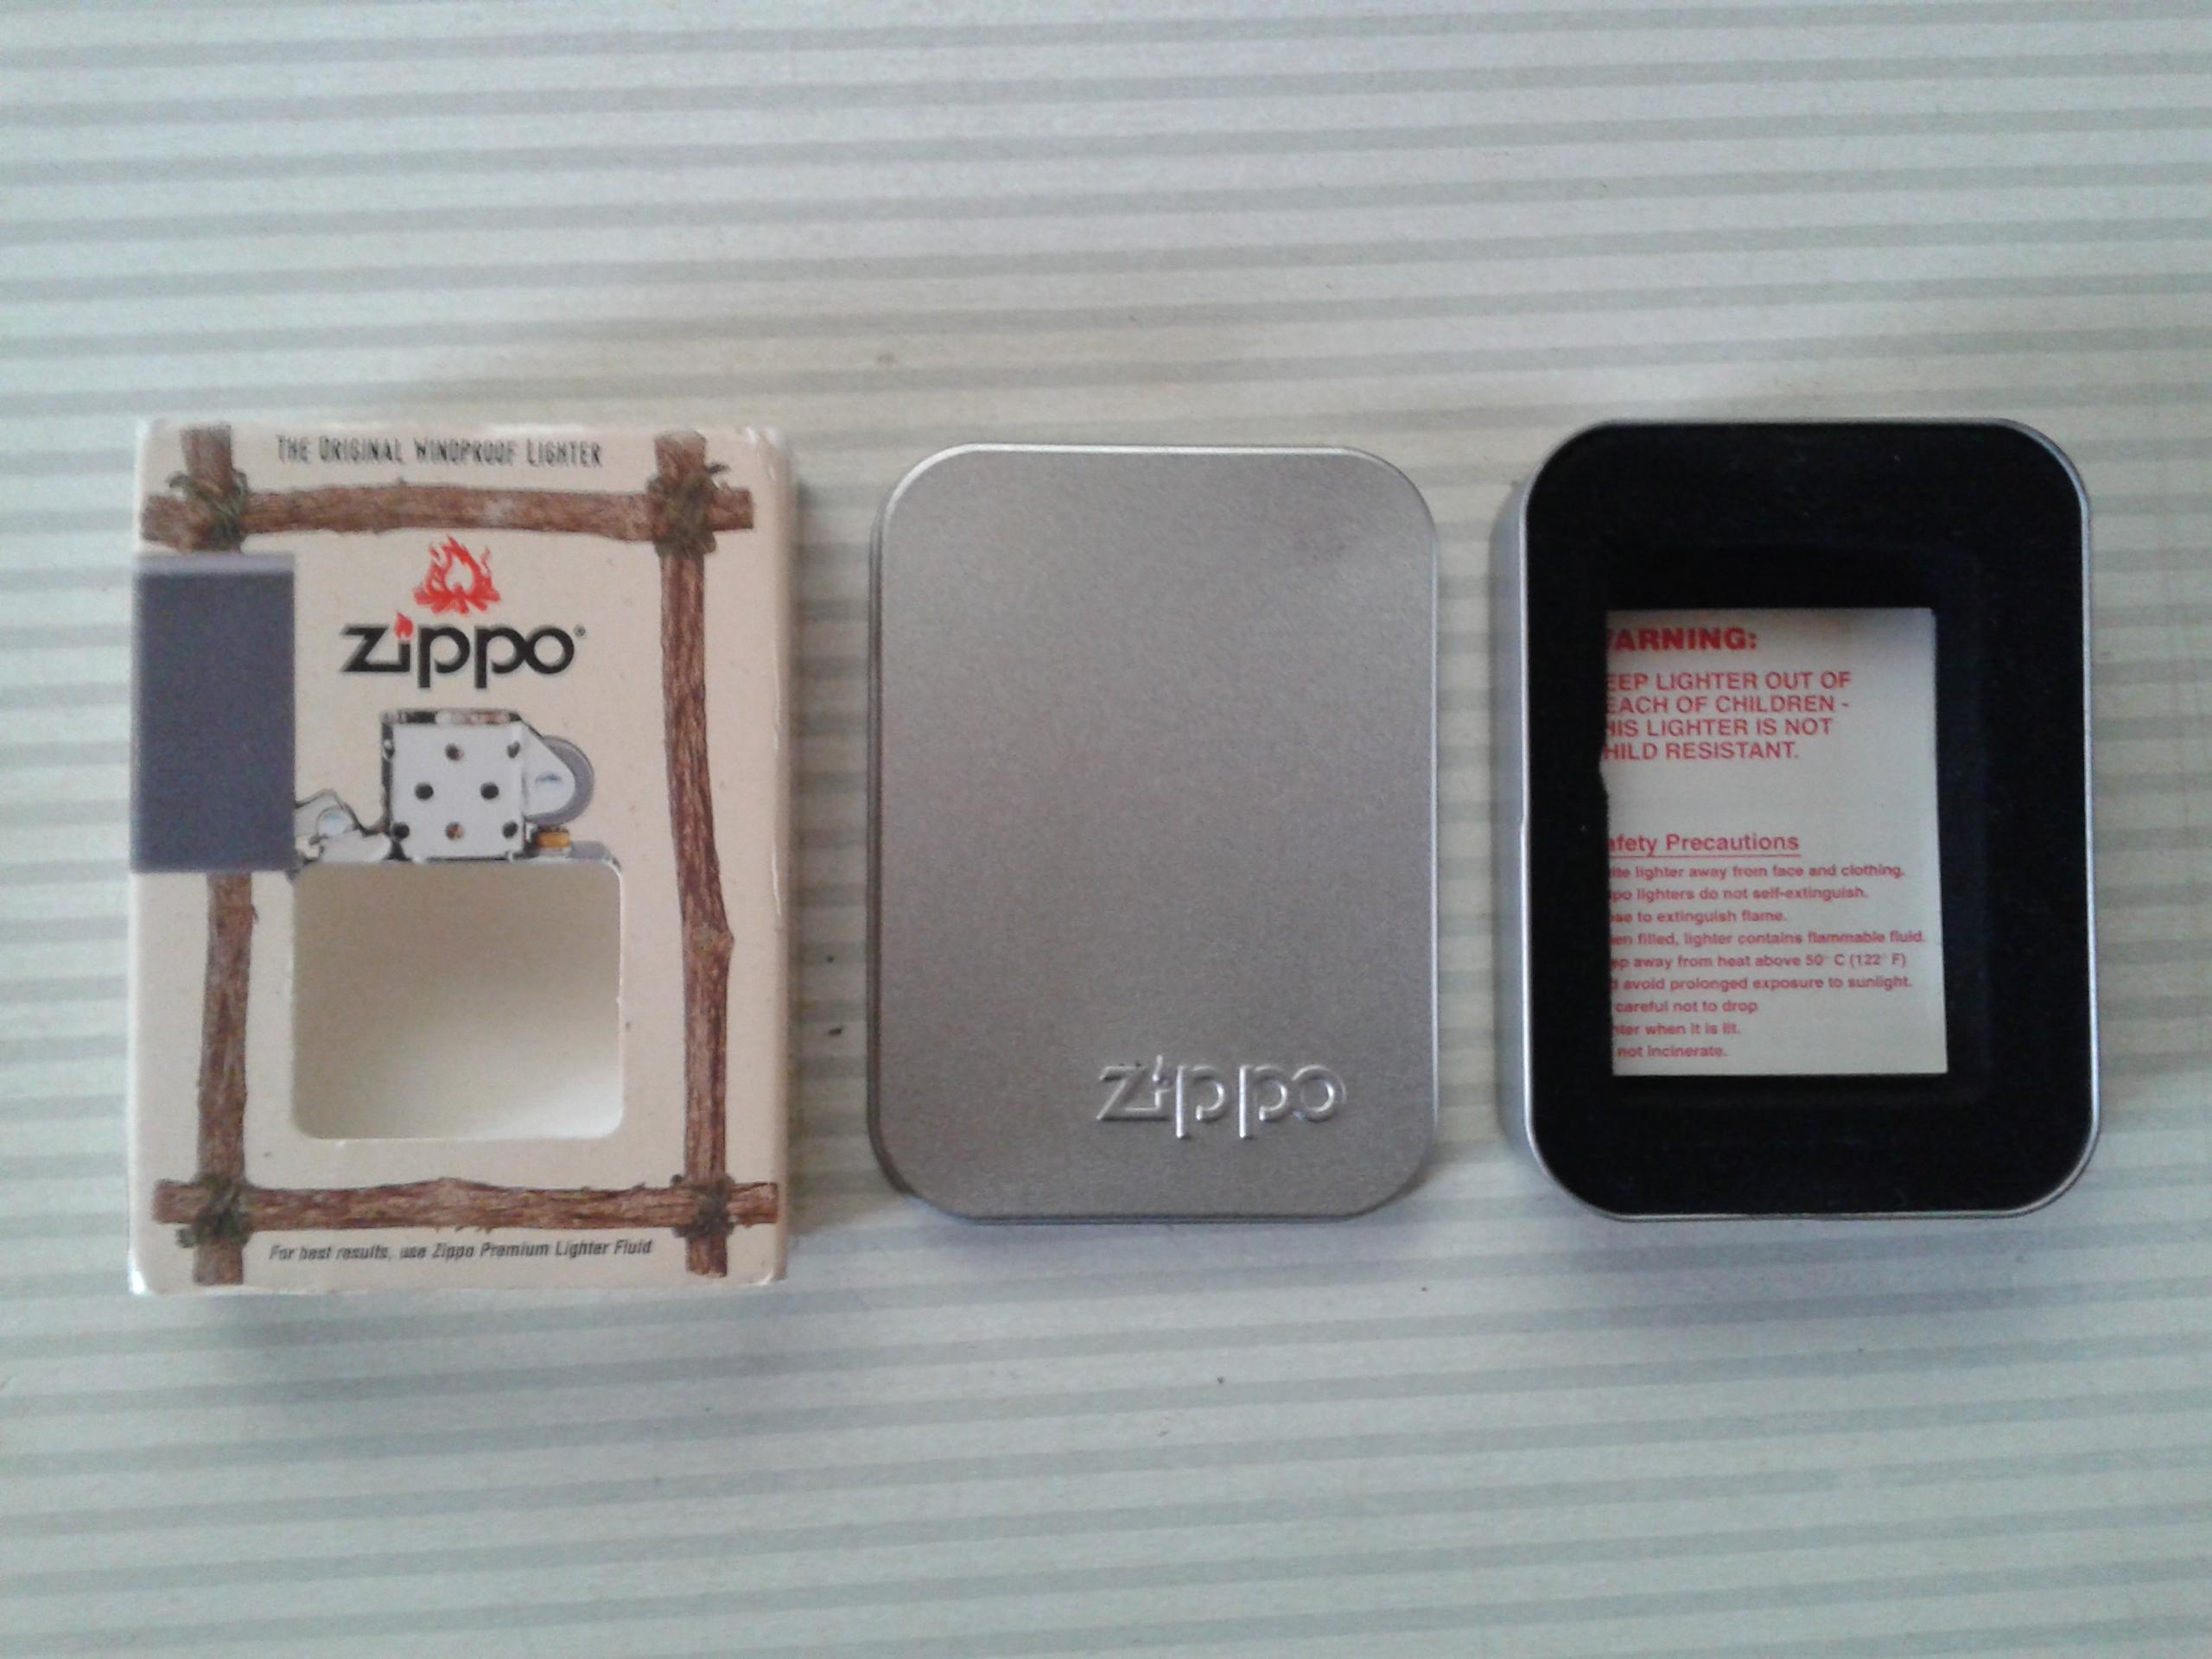 Les boites Zippo au fil du temps - Page 2 908440Windproof4